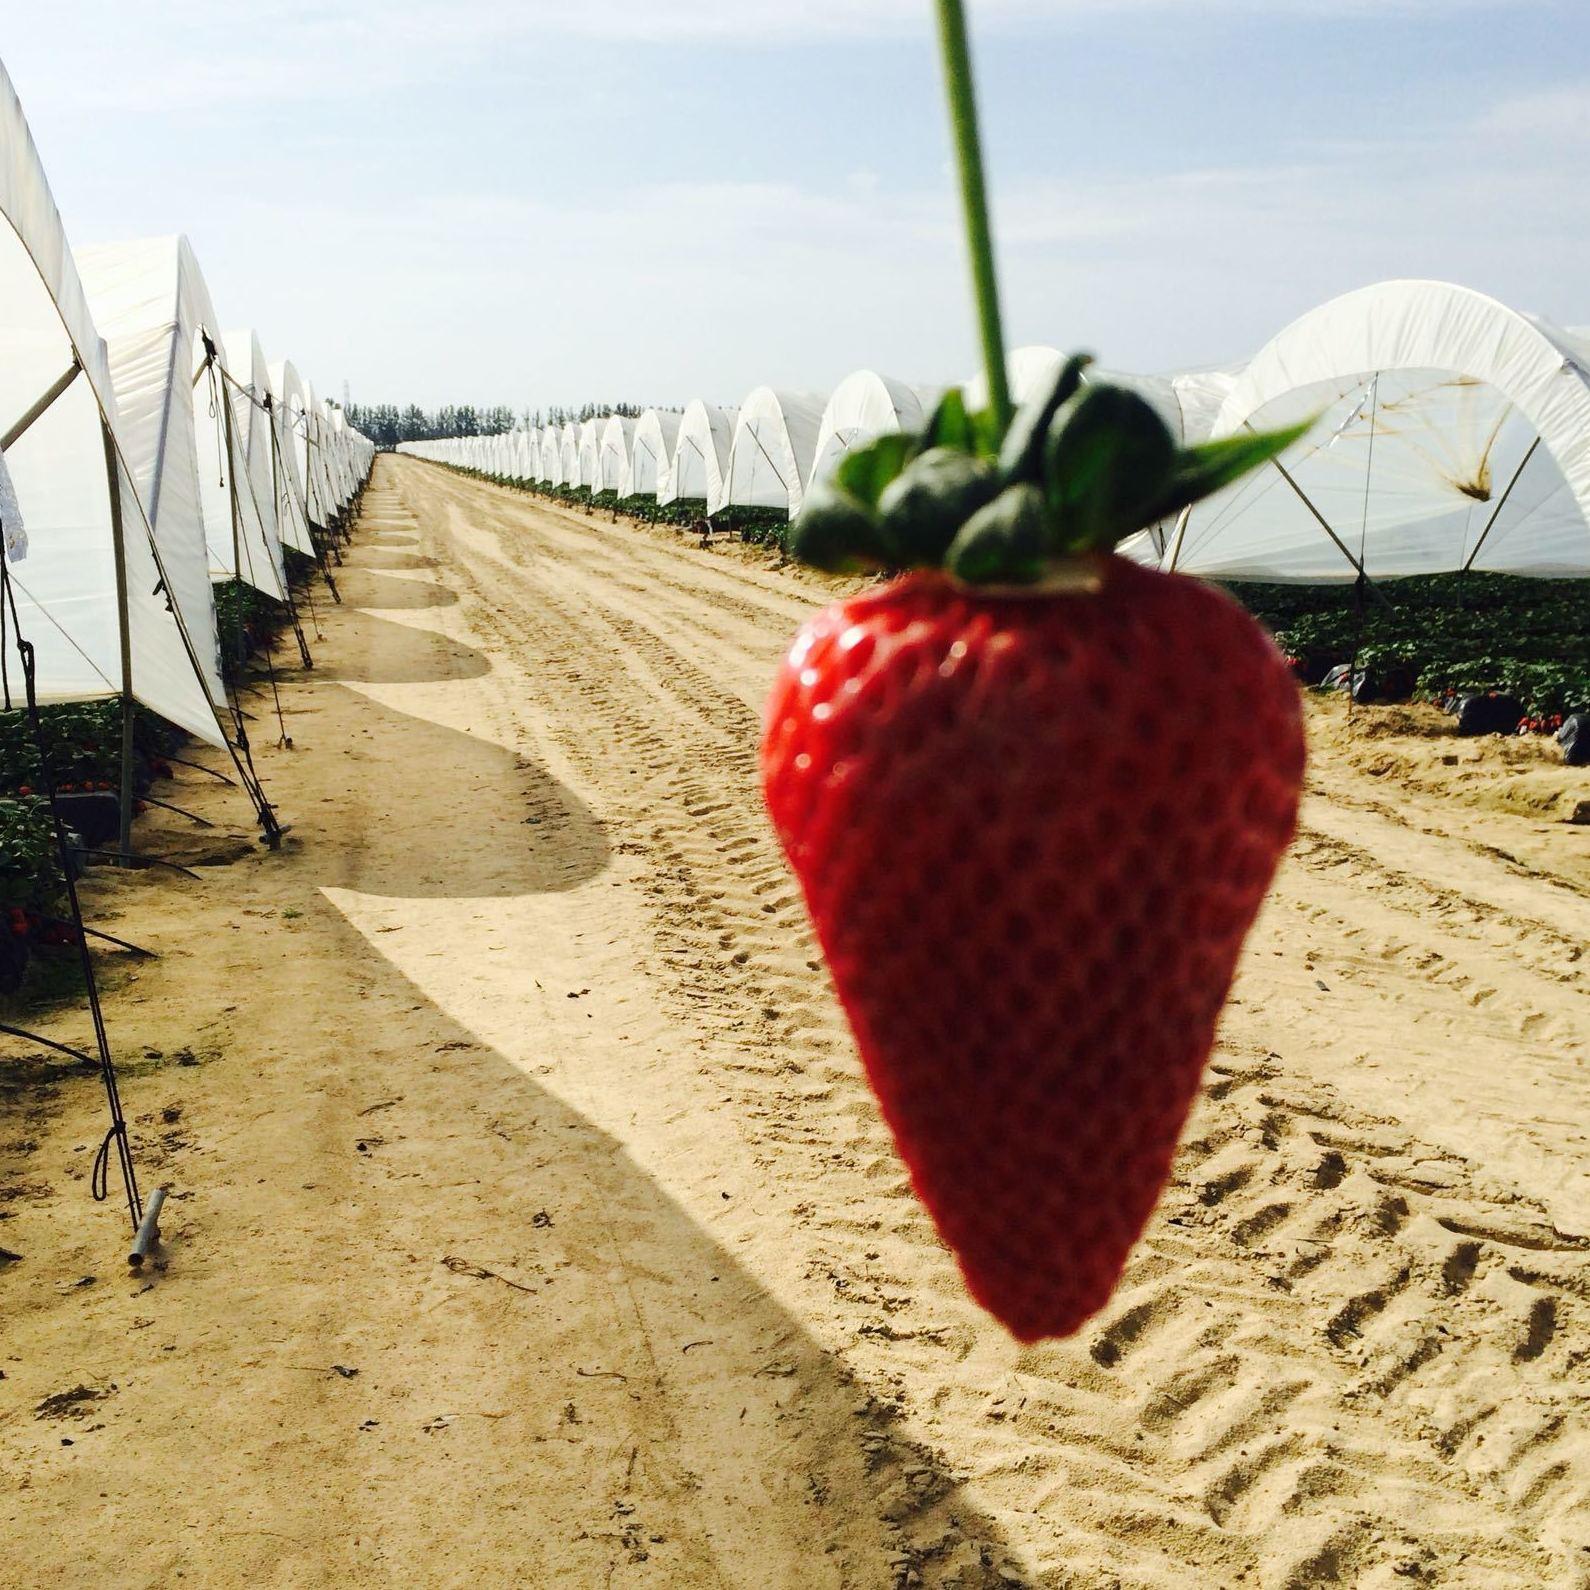 Foto 11 de Producción de frutas en Murcia | Frutas Maripí